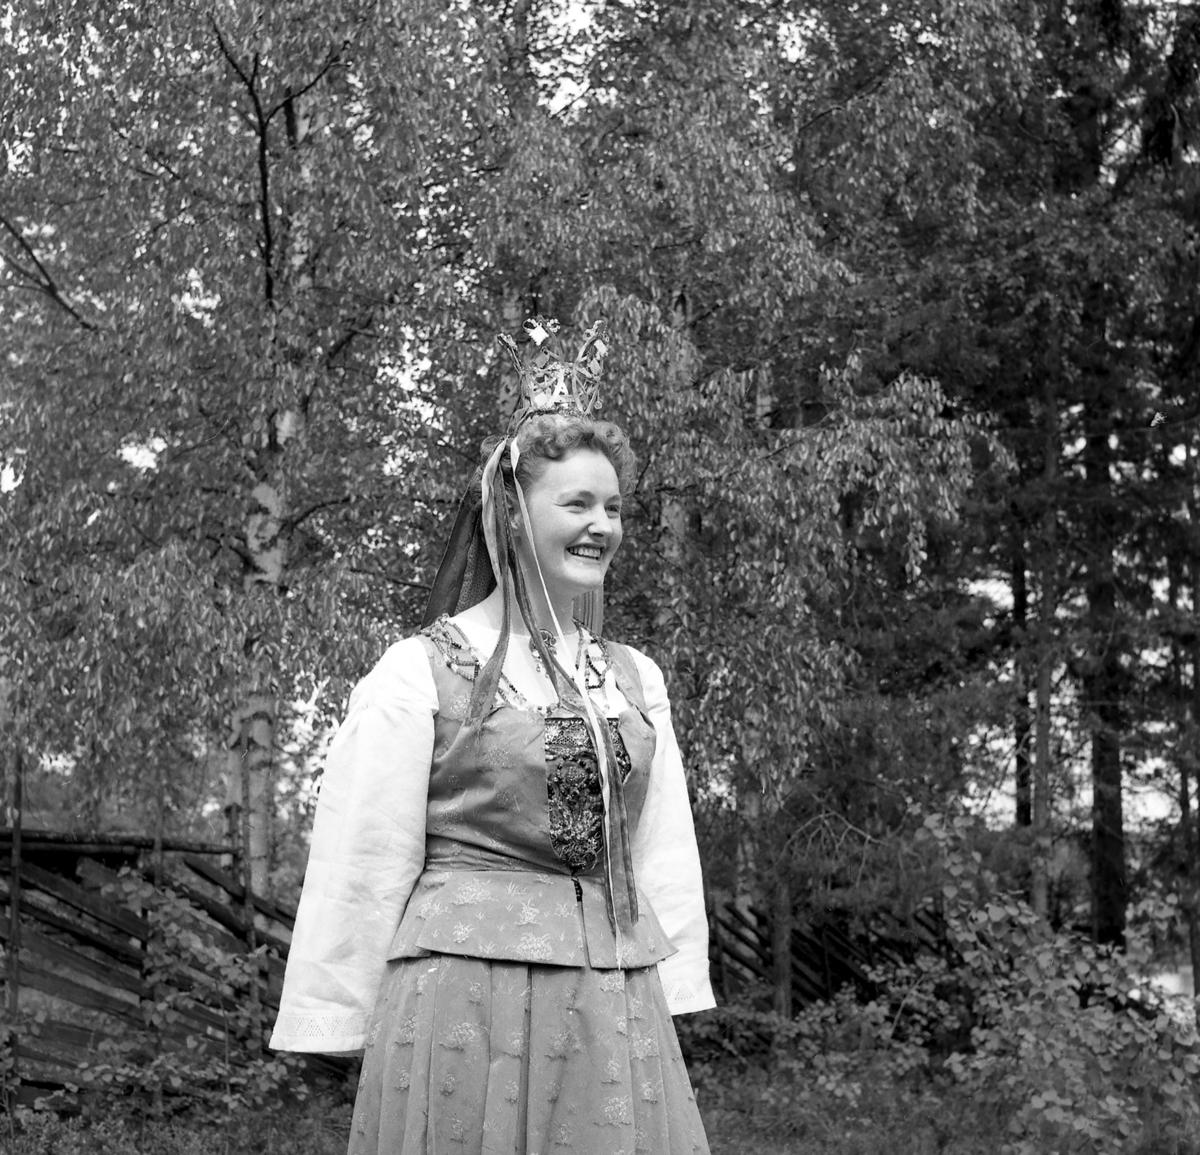 Glomdalsbruden Astrid Strypet fra Alvdal,1958